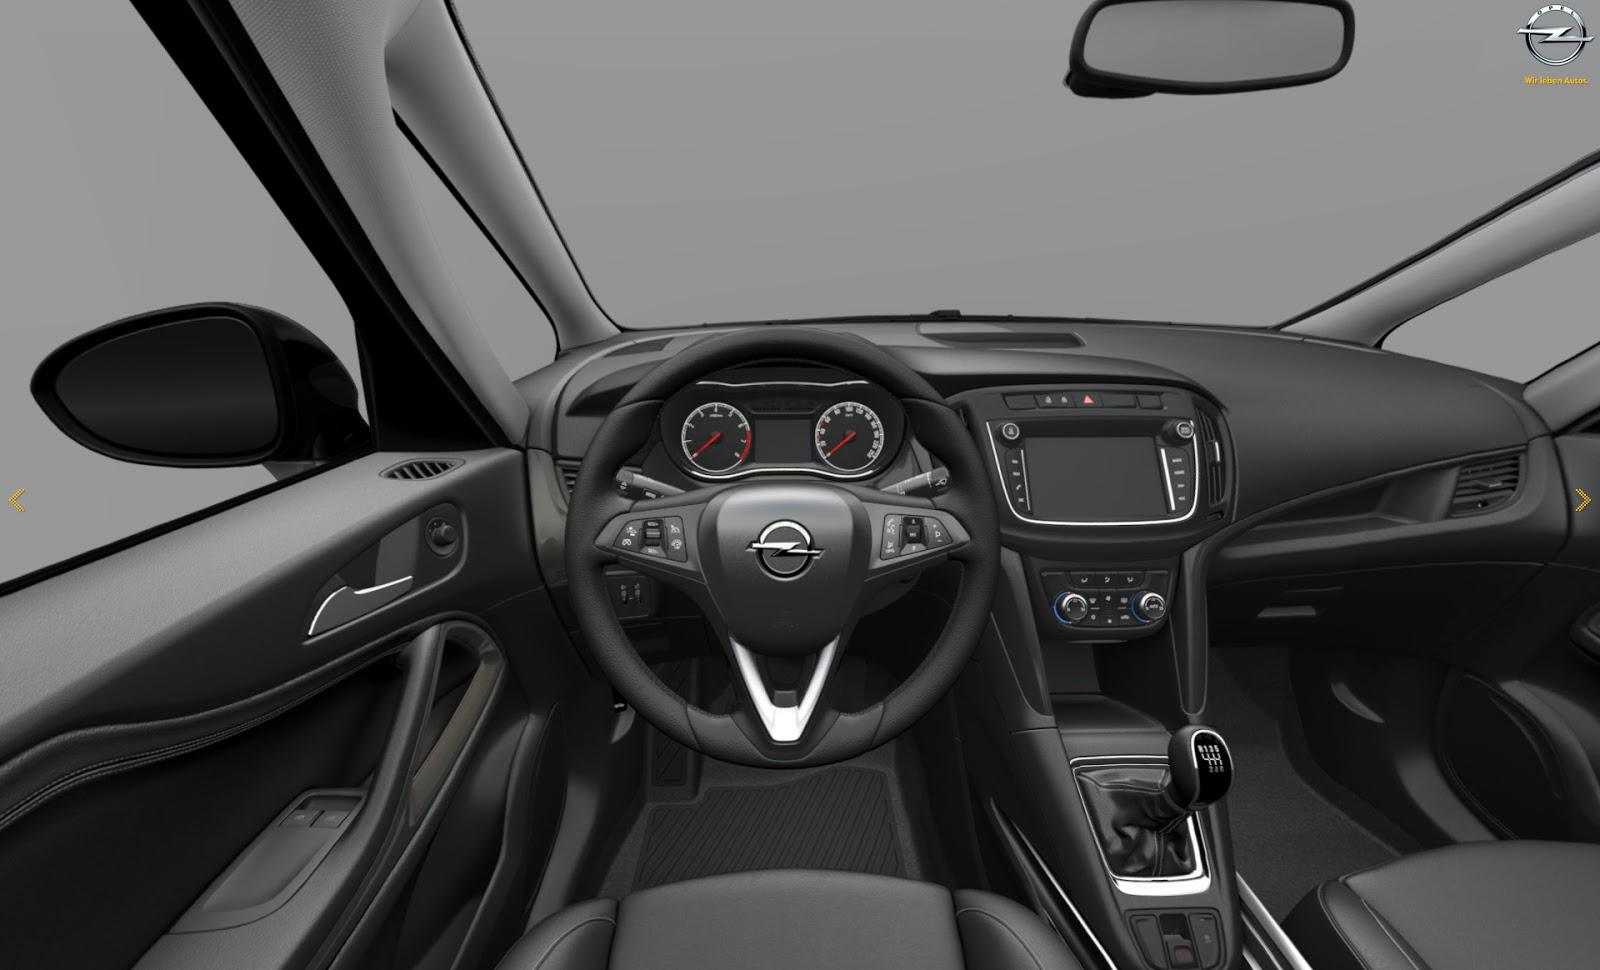 Así luce la nueva renovada Opel Zafira Tourer: Renovación interior y exterior 3